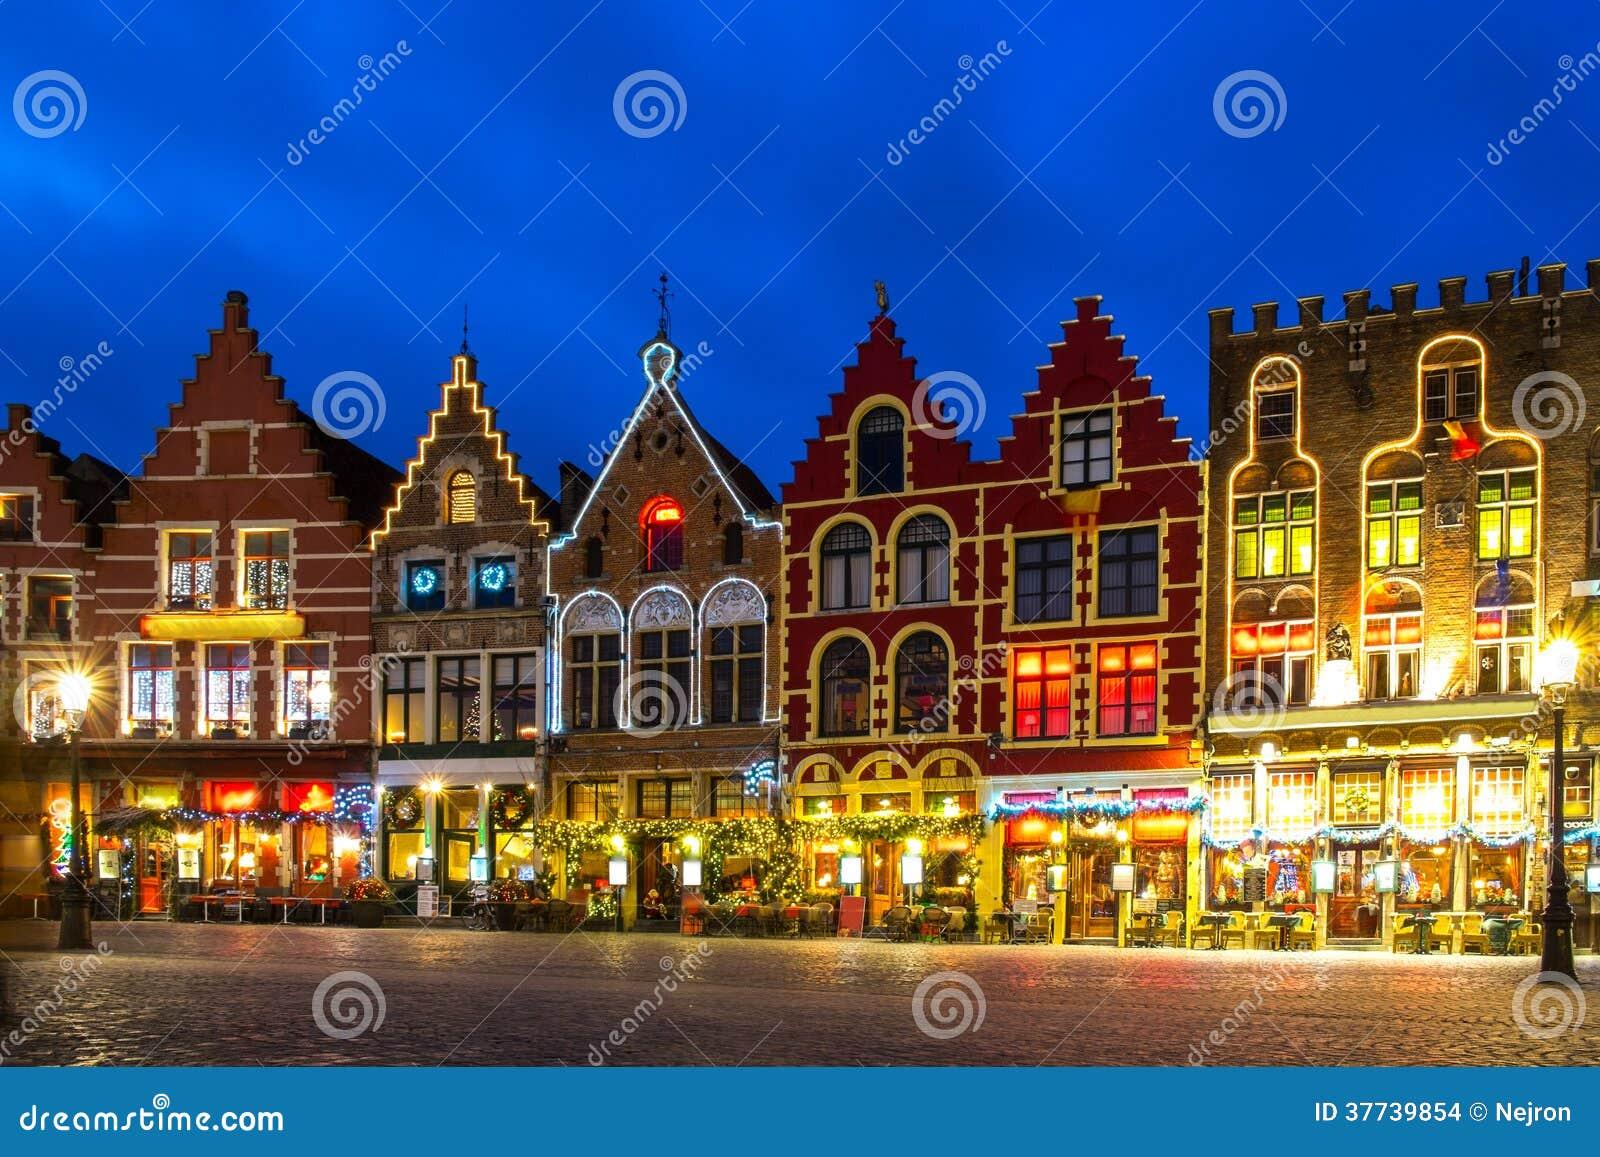 Place décorée et lumineuse du marché à Bruges, Belgique